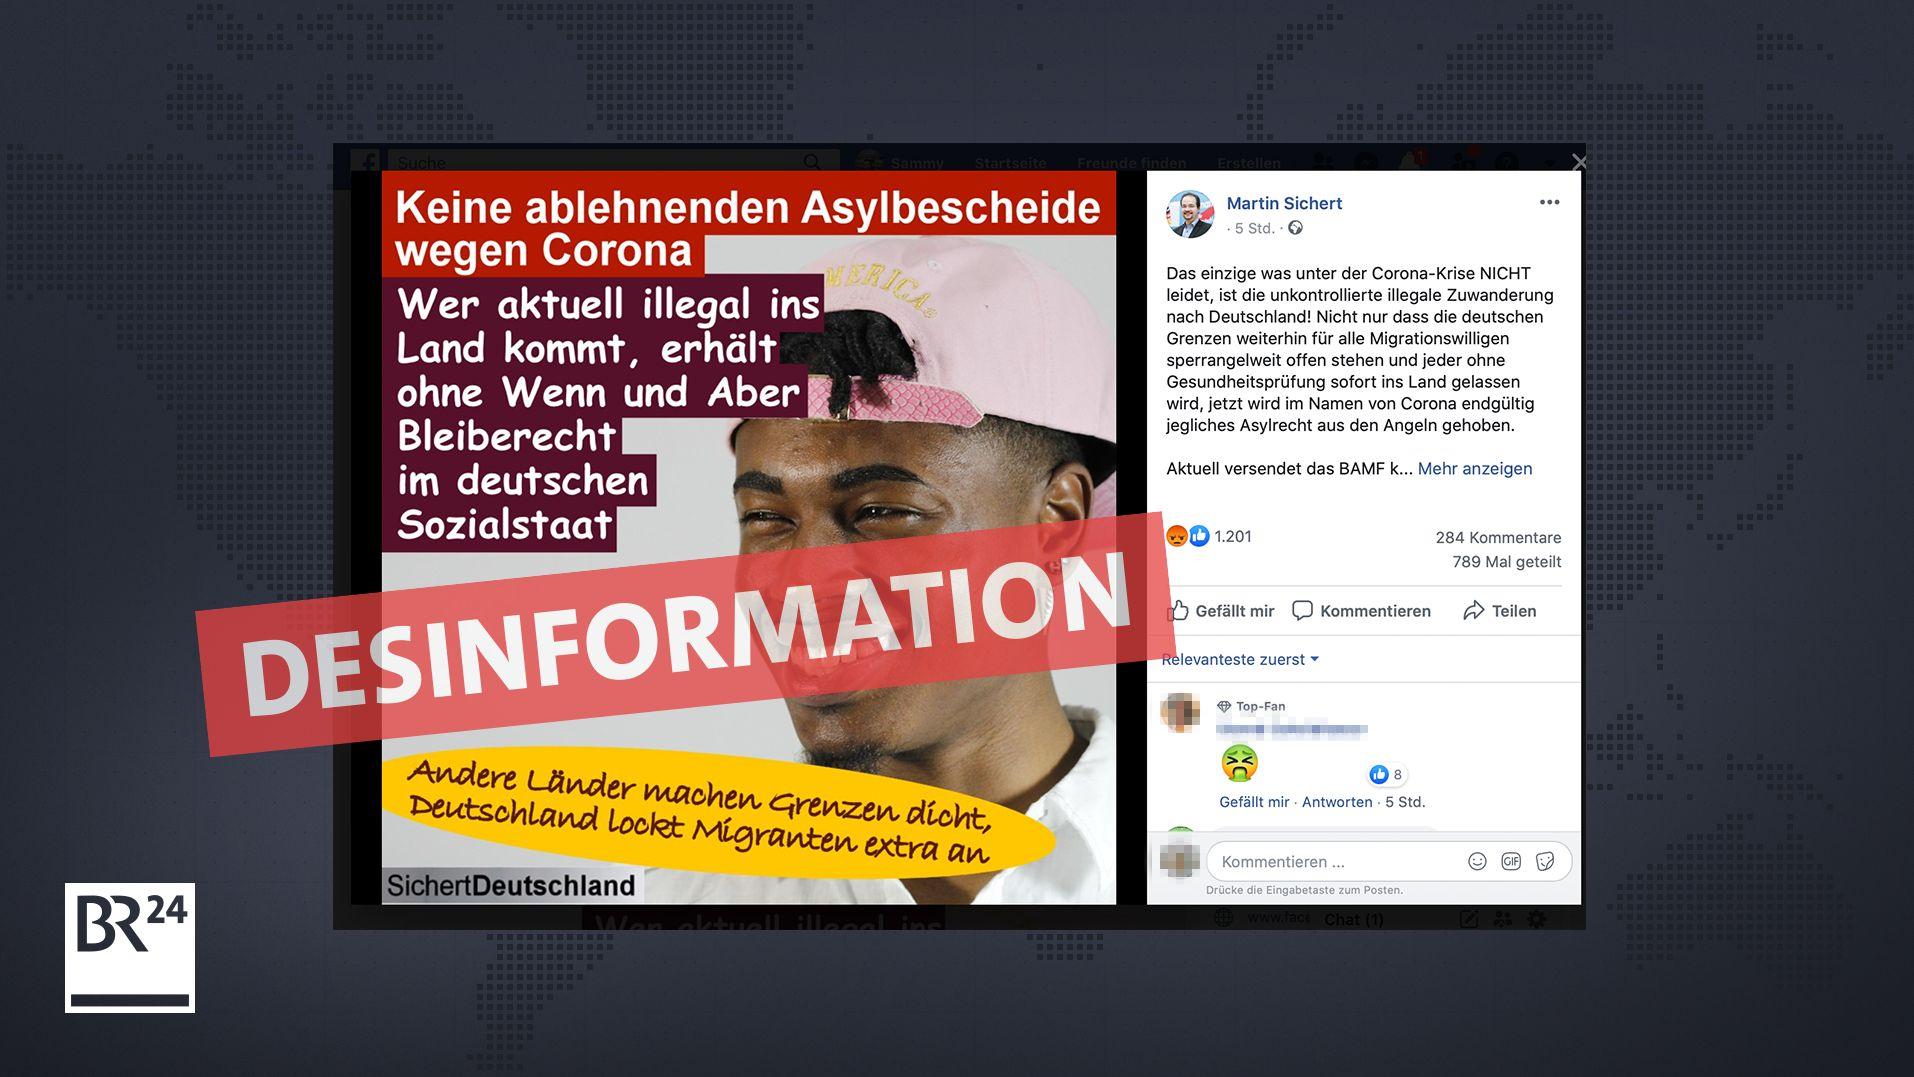 Der bayerische Bundestagsabgeordnete Martin Sichert verbreitet auf seiner Facebook-Seite eine Falschmeldung zu Asylanträgen